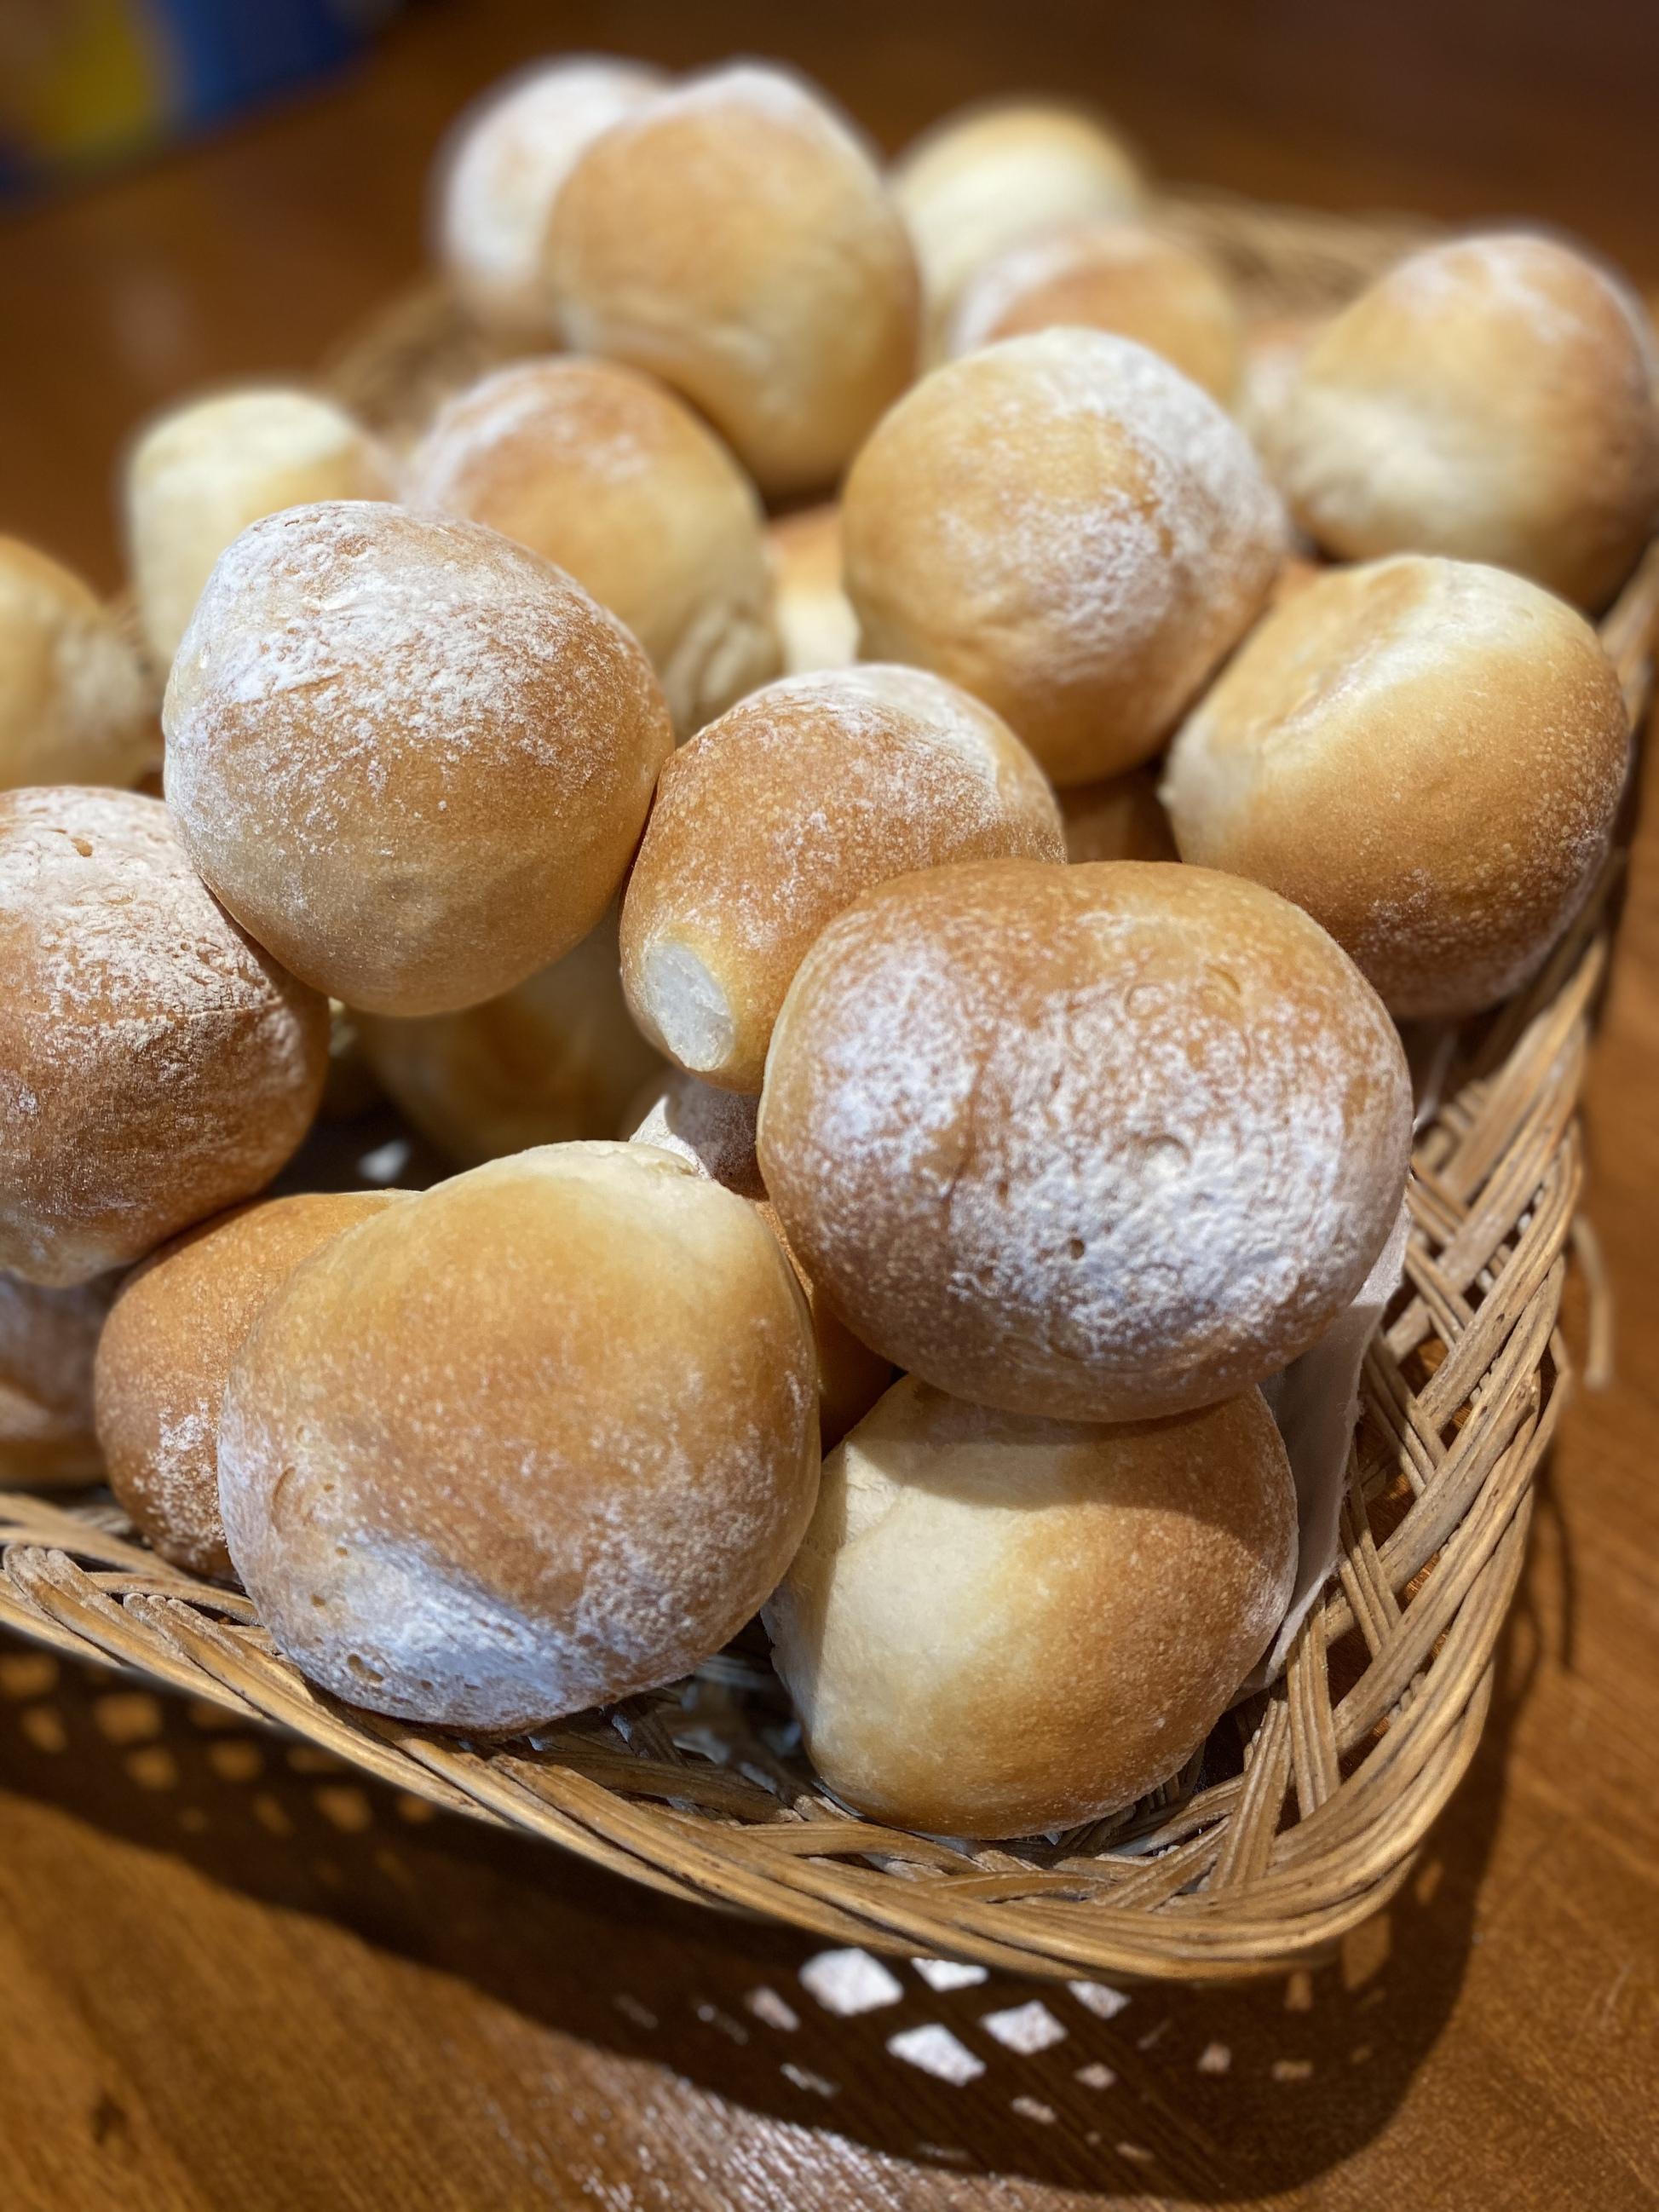 1月24日金曜日の営業案内&自家製パンの販売案内(ディナータイムは貸切となります)